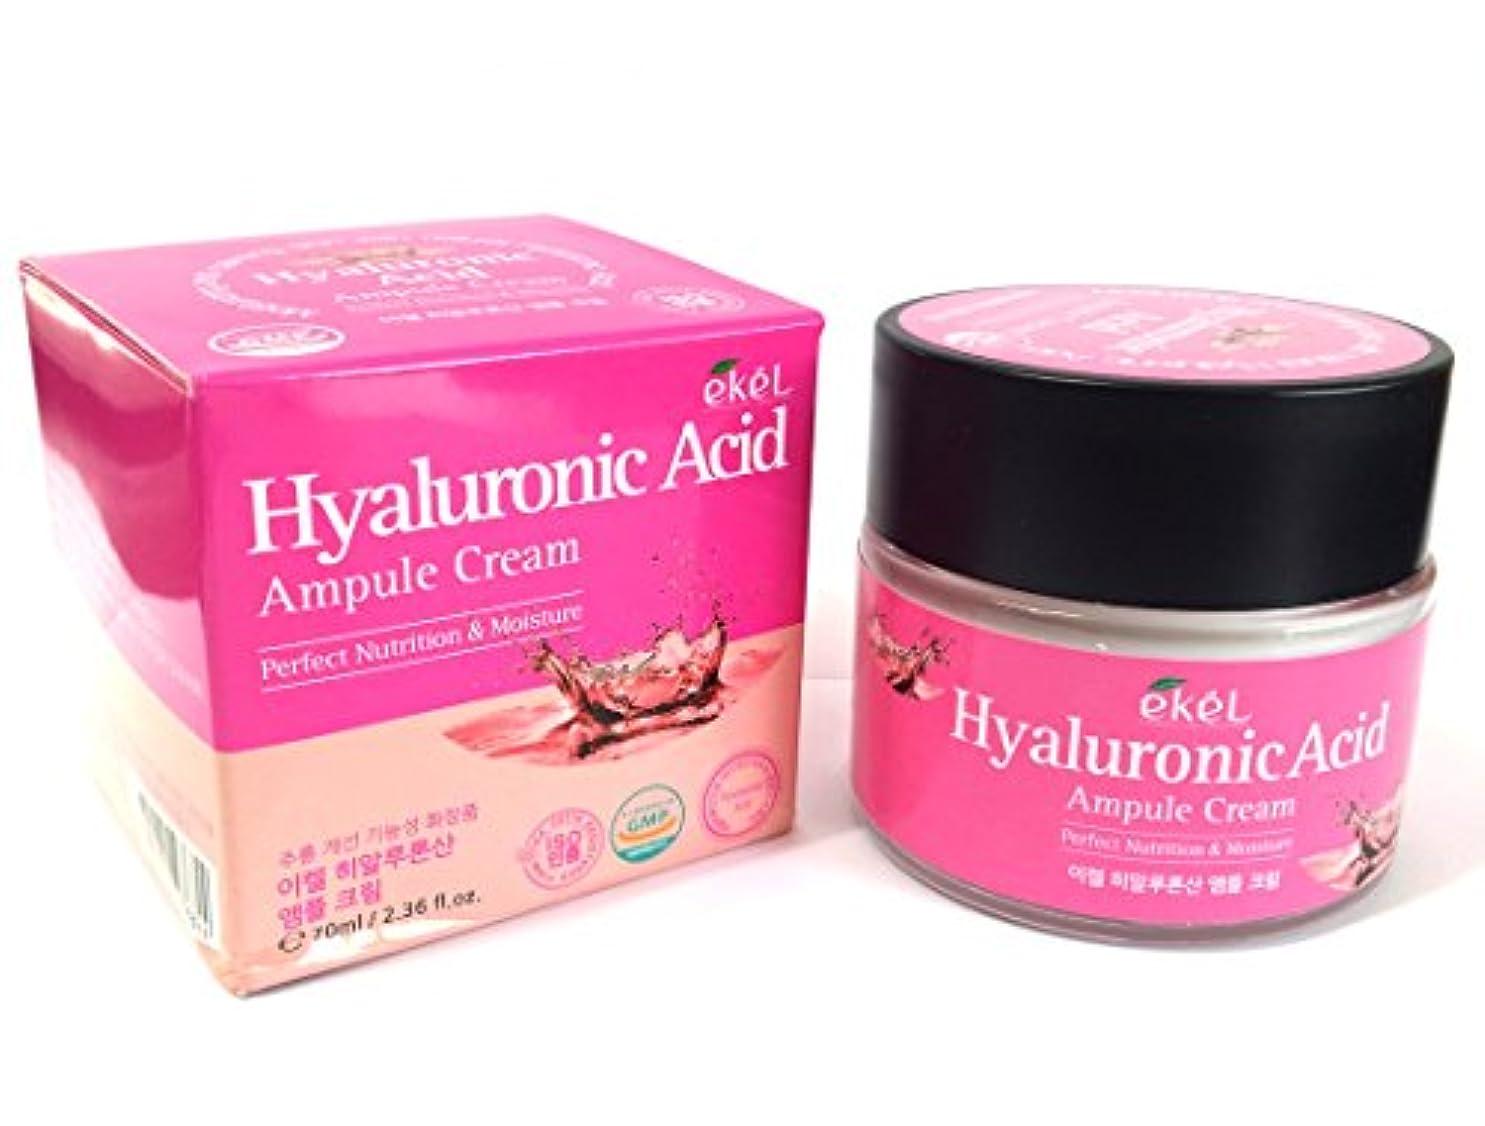 誇大妄想衝撃アナニバー[EKEL] ヒアルロン酸アンプルクリーム70ml / 完璧な栄養と水分 / 韓国化粧品/ Hyaluronic Acid Ampule Cream 70ml / Perfect Nutrition & Moisture...